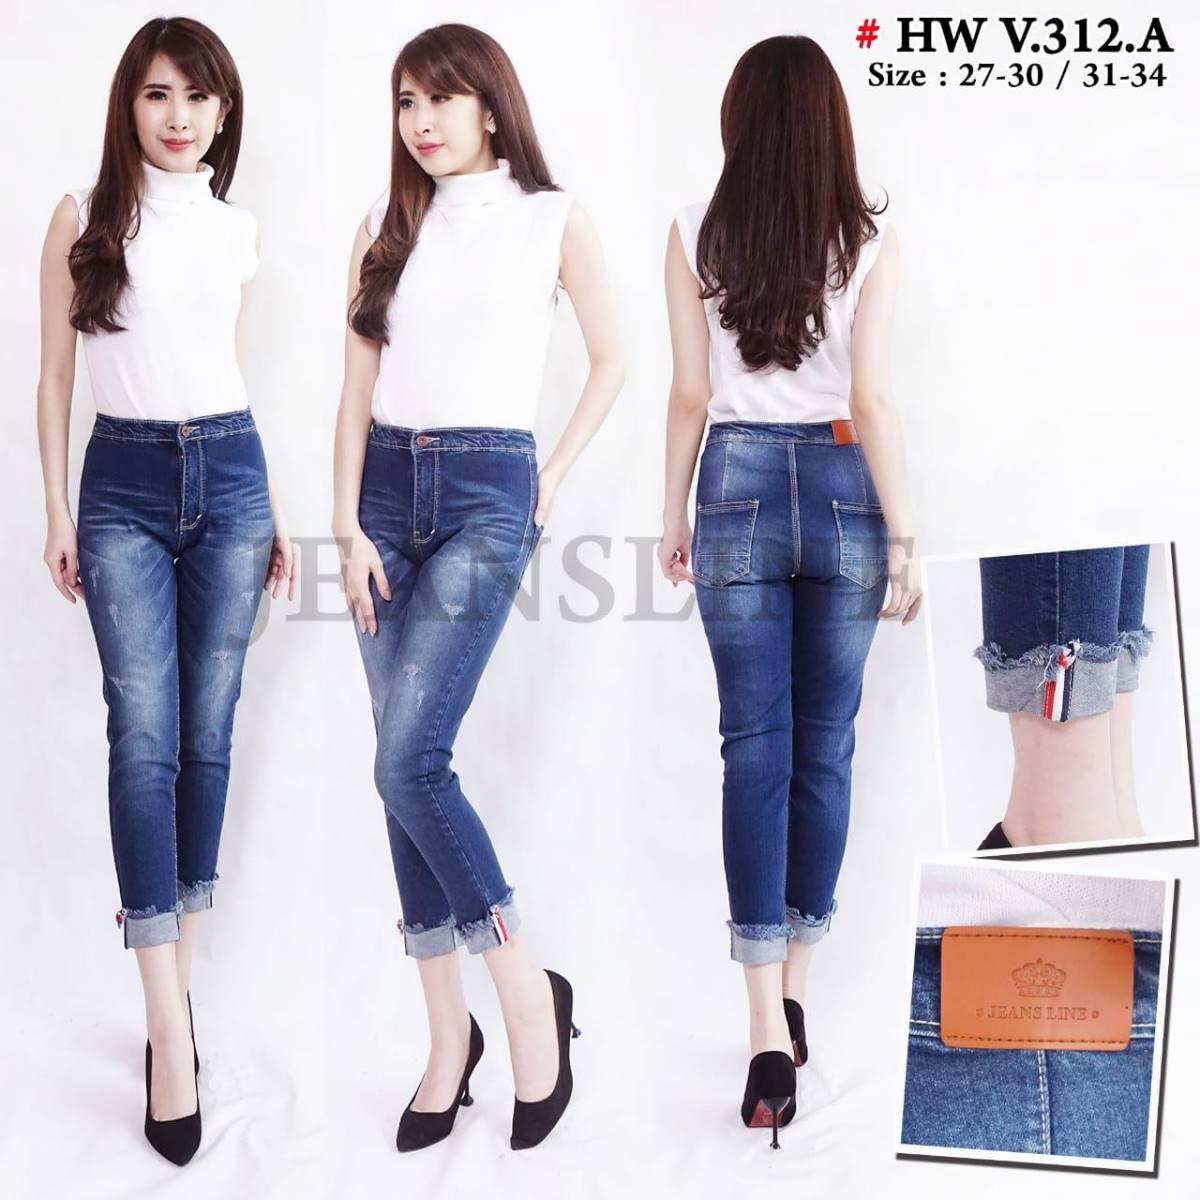 Celana Panjang Jeans Wanita (size 27, 28, 29, 30)0